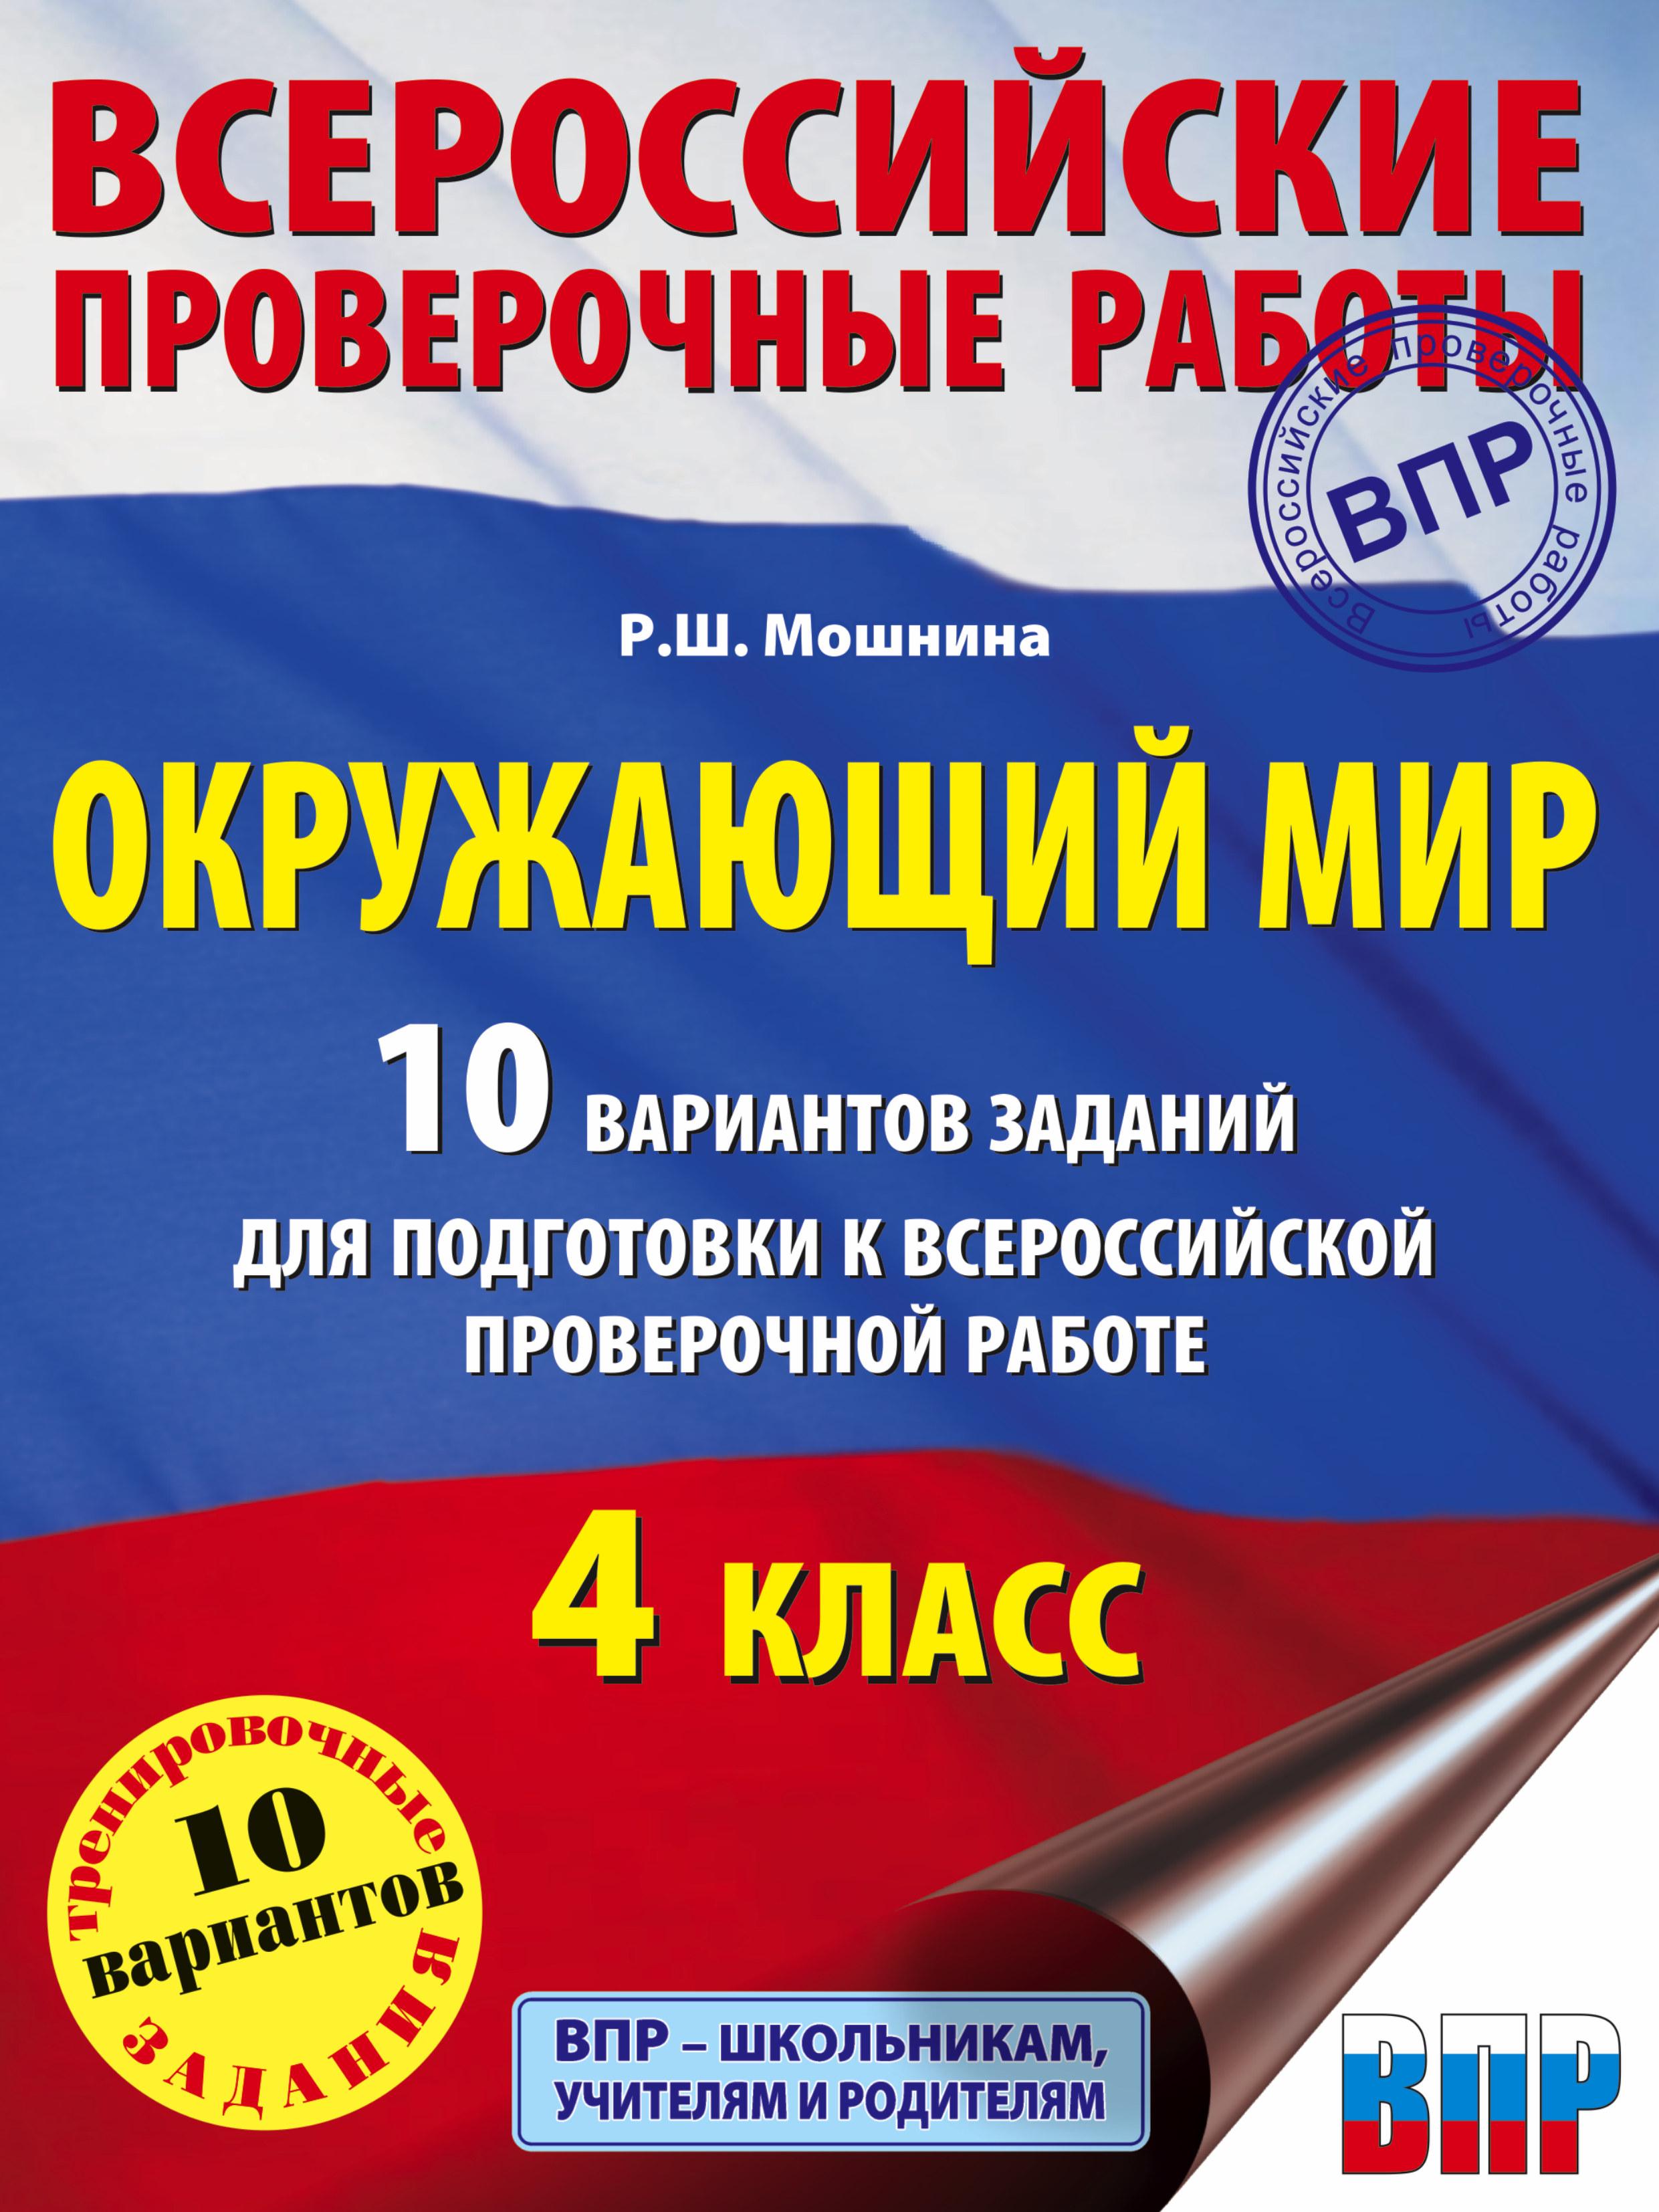 Окружающий мир. 10 вариантов заданий для подготовки к всероссийской проверочной работе. 4 класс ( Мошнина Р.Ш.  )